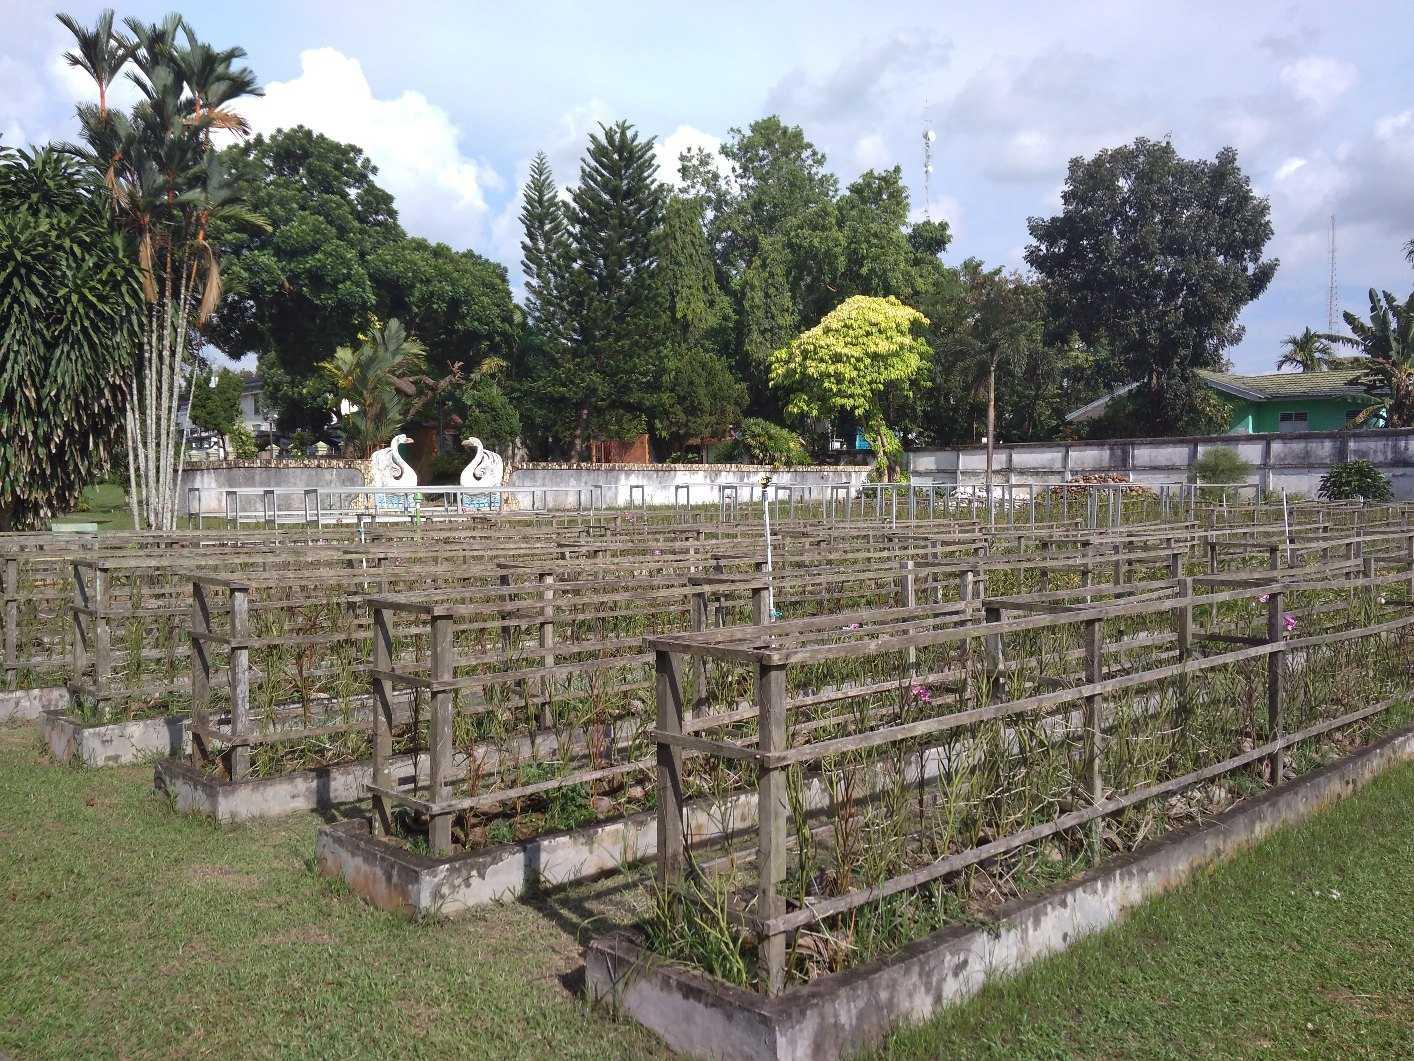 Belajar Berwisata Taman Anggrek Sri Soedewi Jambi Oleh Dendy Seftiawan